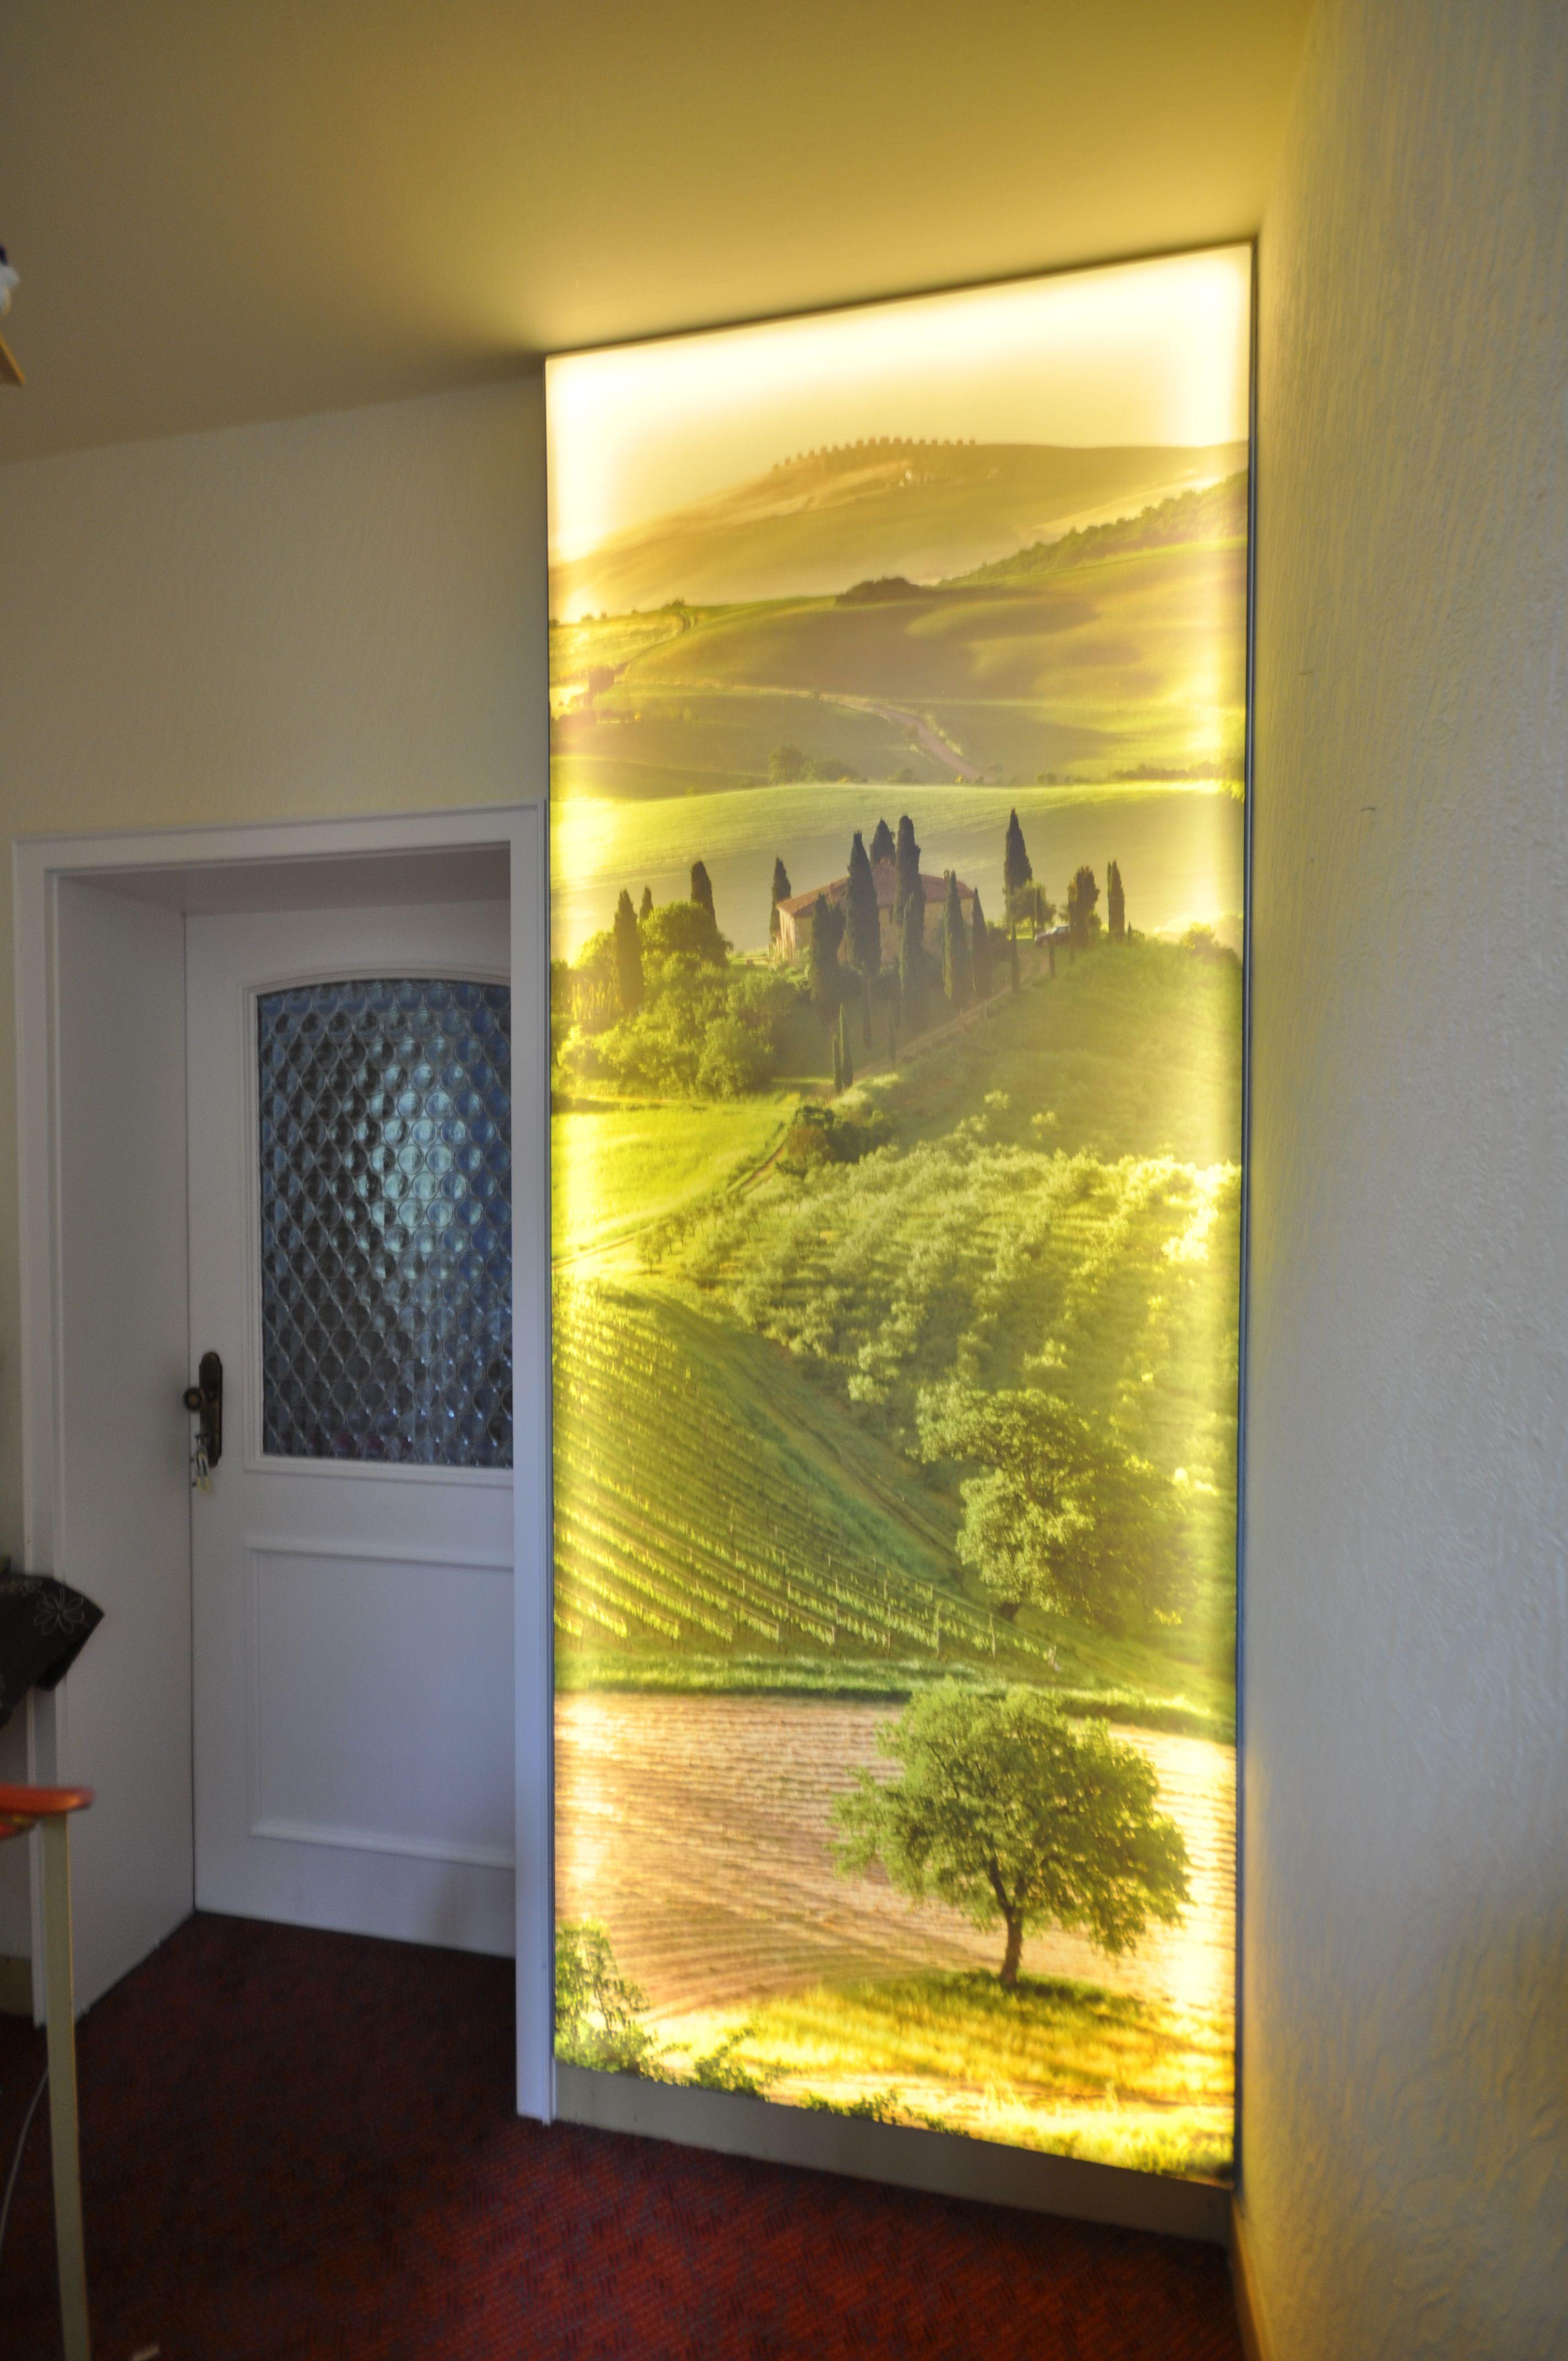 Bedruckte Spanndecke Als Lichtwand Im Flur Flur Decke Toskana Beleuchtung Licht Renovieren Led Treppe Lichtwande Spanndecken Flur Bilder